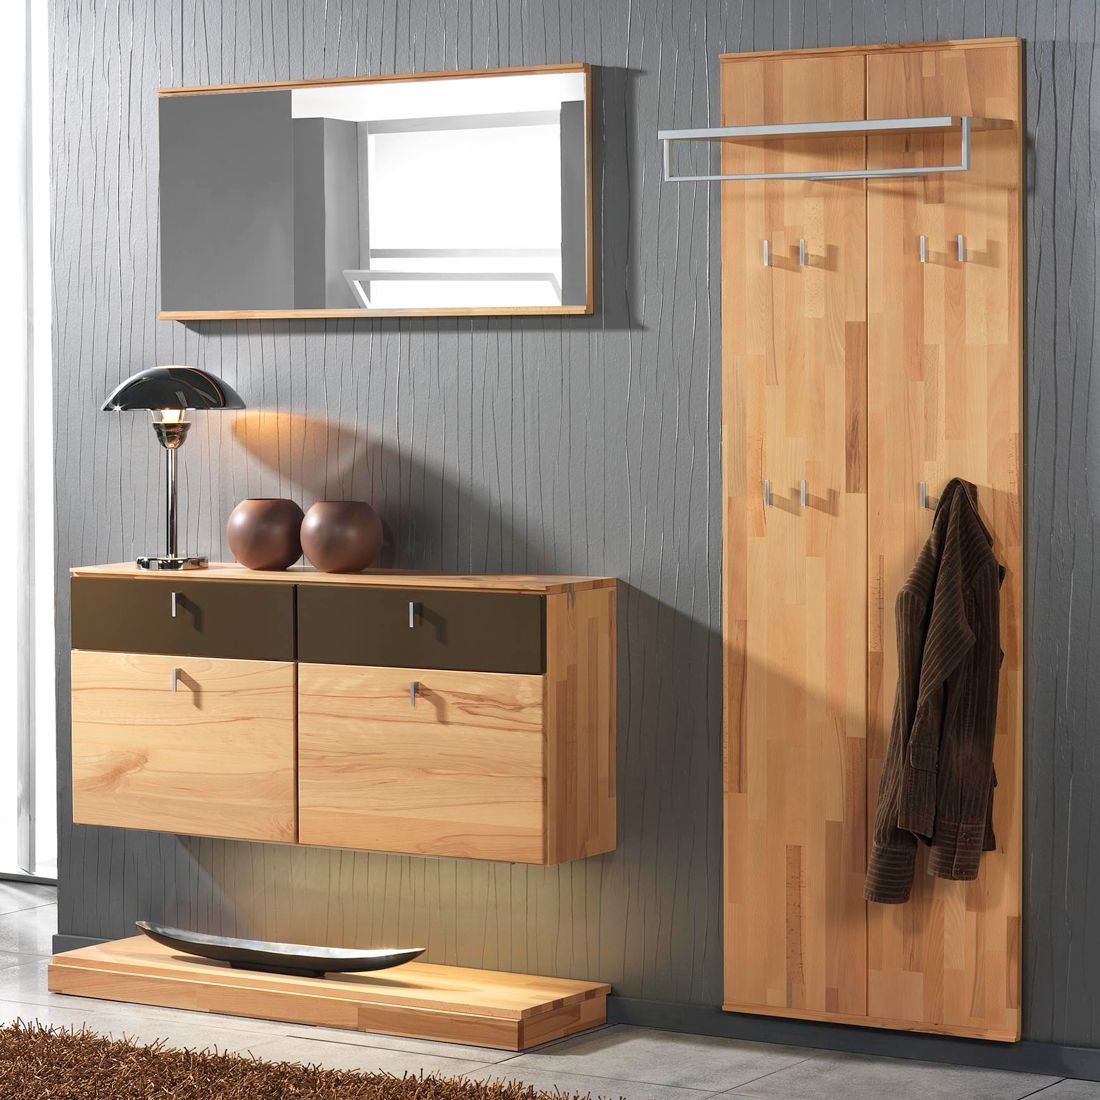 garderobenset vado i 4 teilig kernbuche massiv. Black Bedroom Furniture Sets. Home Design Ideas